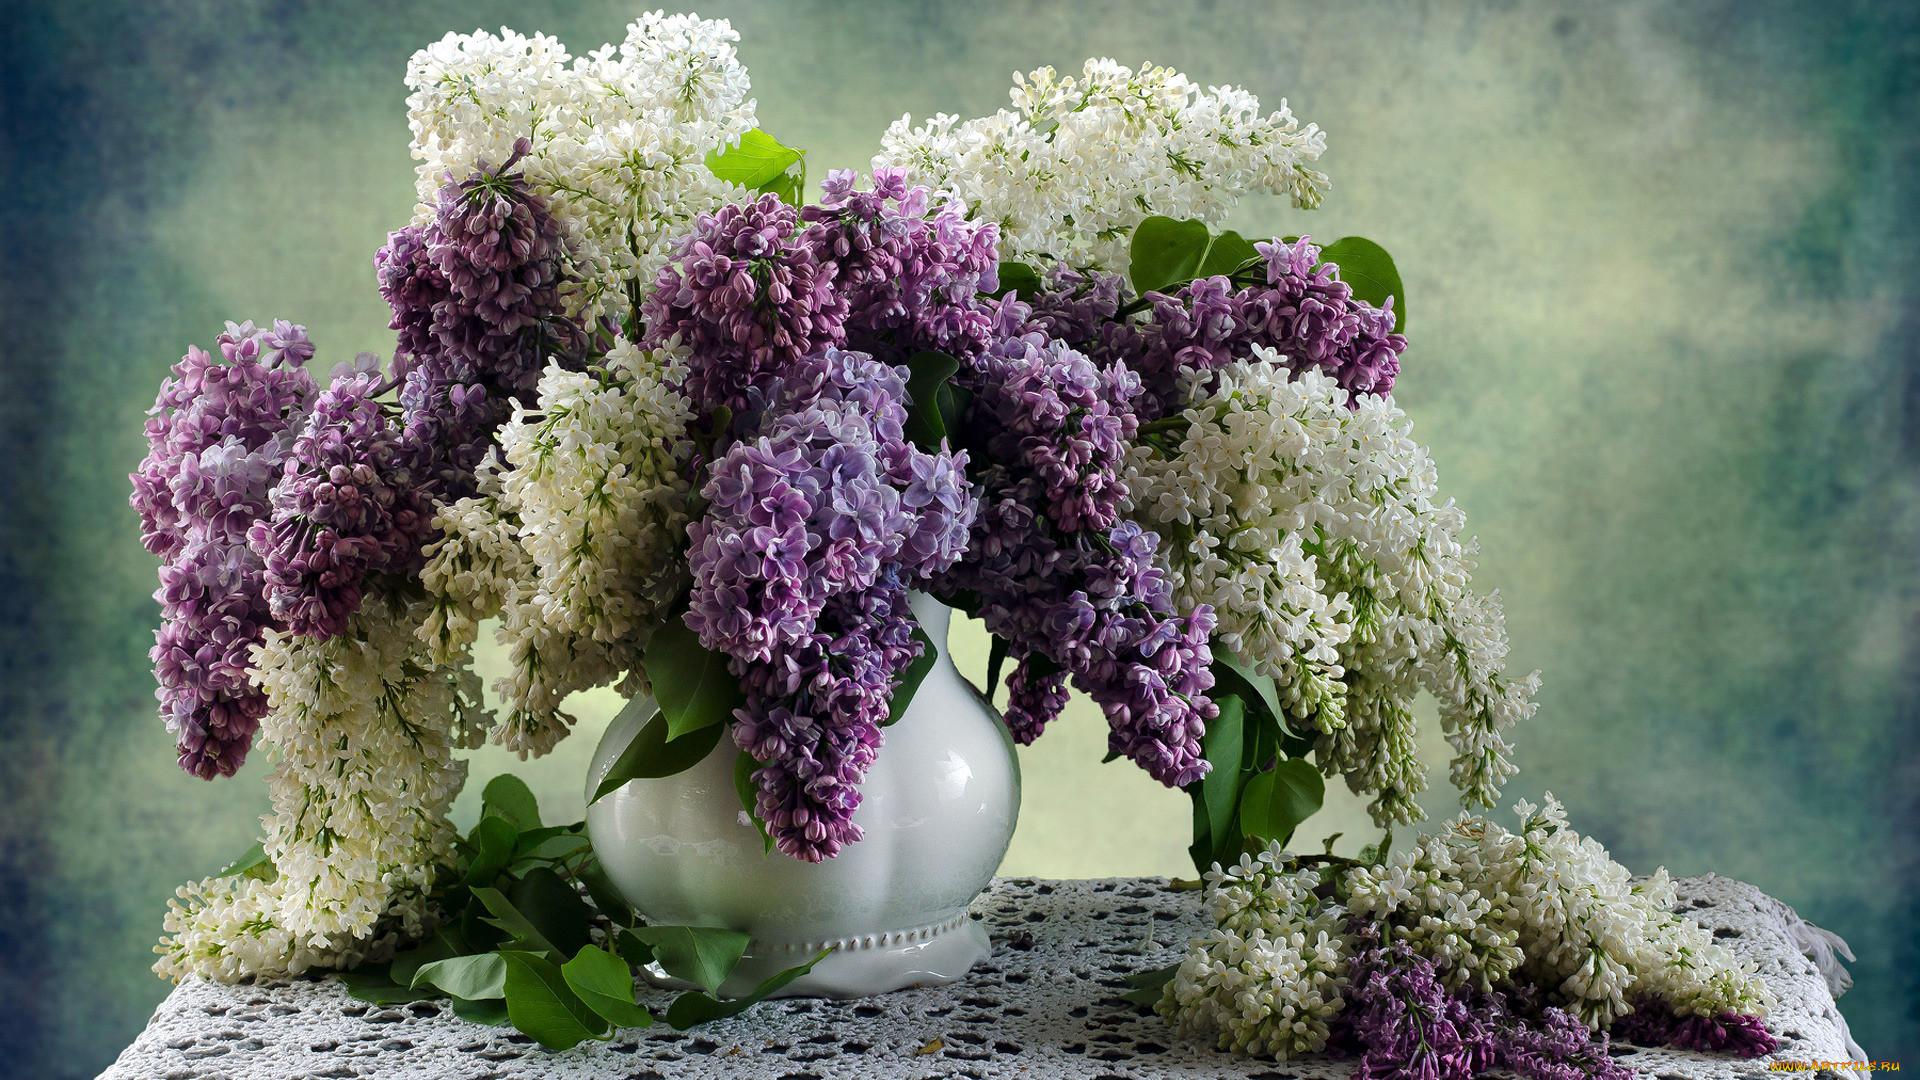 сирень в вазе картинки красивые всегда смотрела